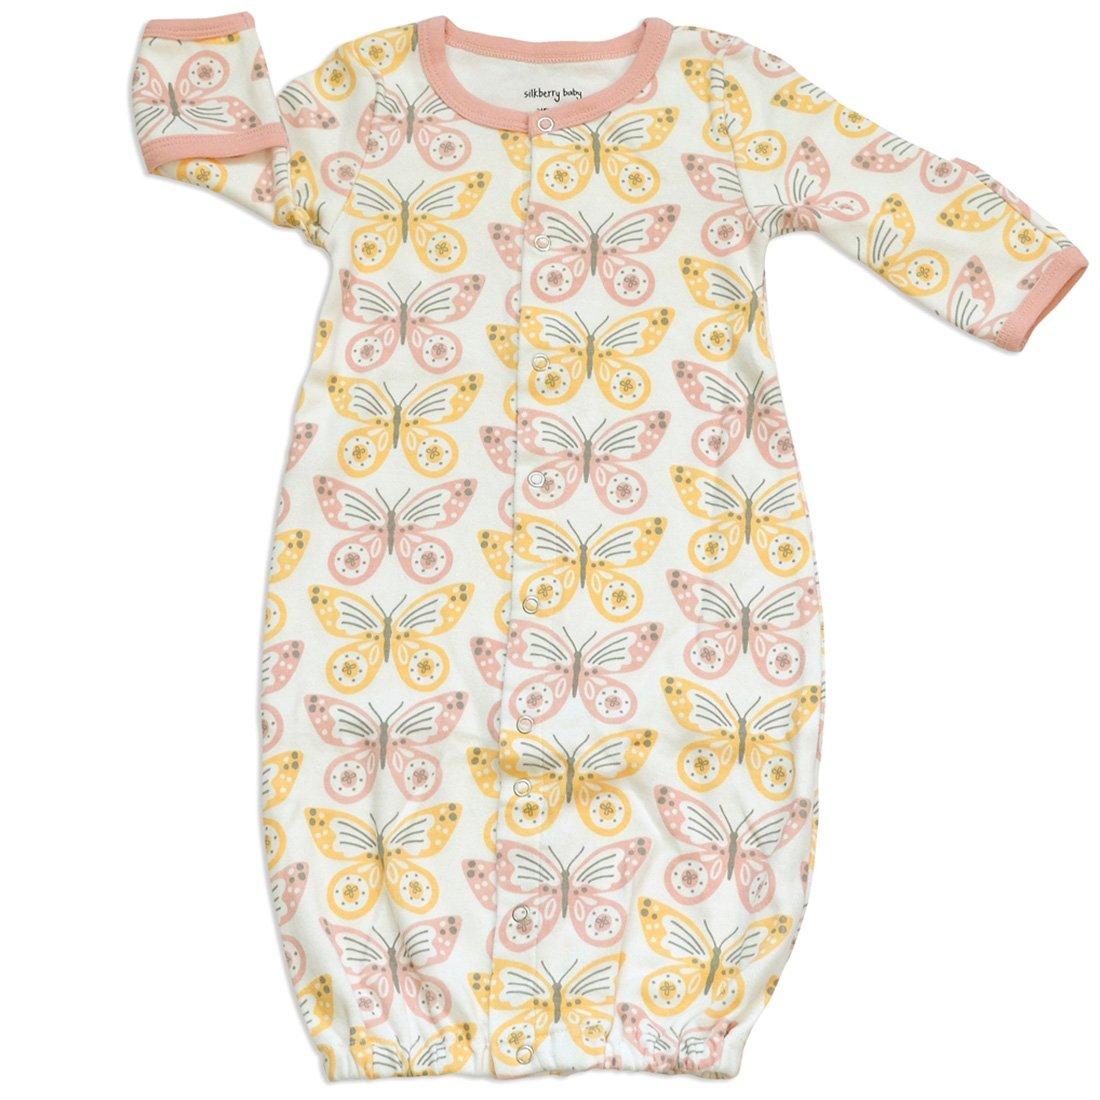 見事な創造力 Silkberry Baby Months SLEEPWEAR ベビーボーイズ 3 - 6 6 Months バタフライ バタフライ B079KLWPNG, 玉名郡:bfac5c79 --- a0267596.xsph.ru